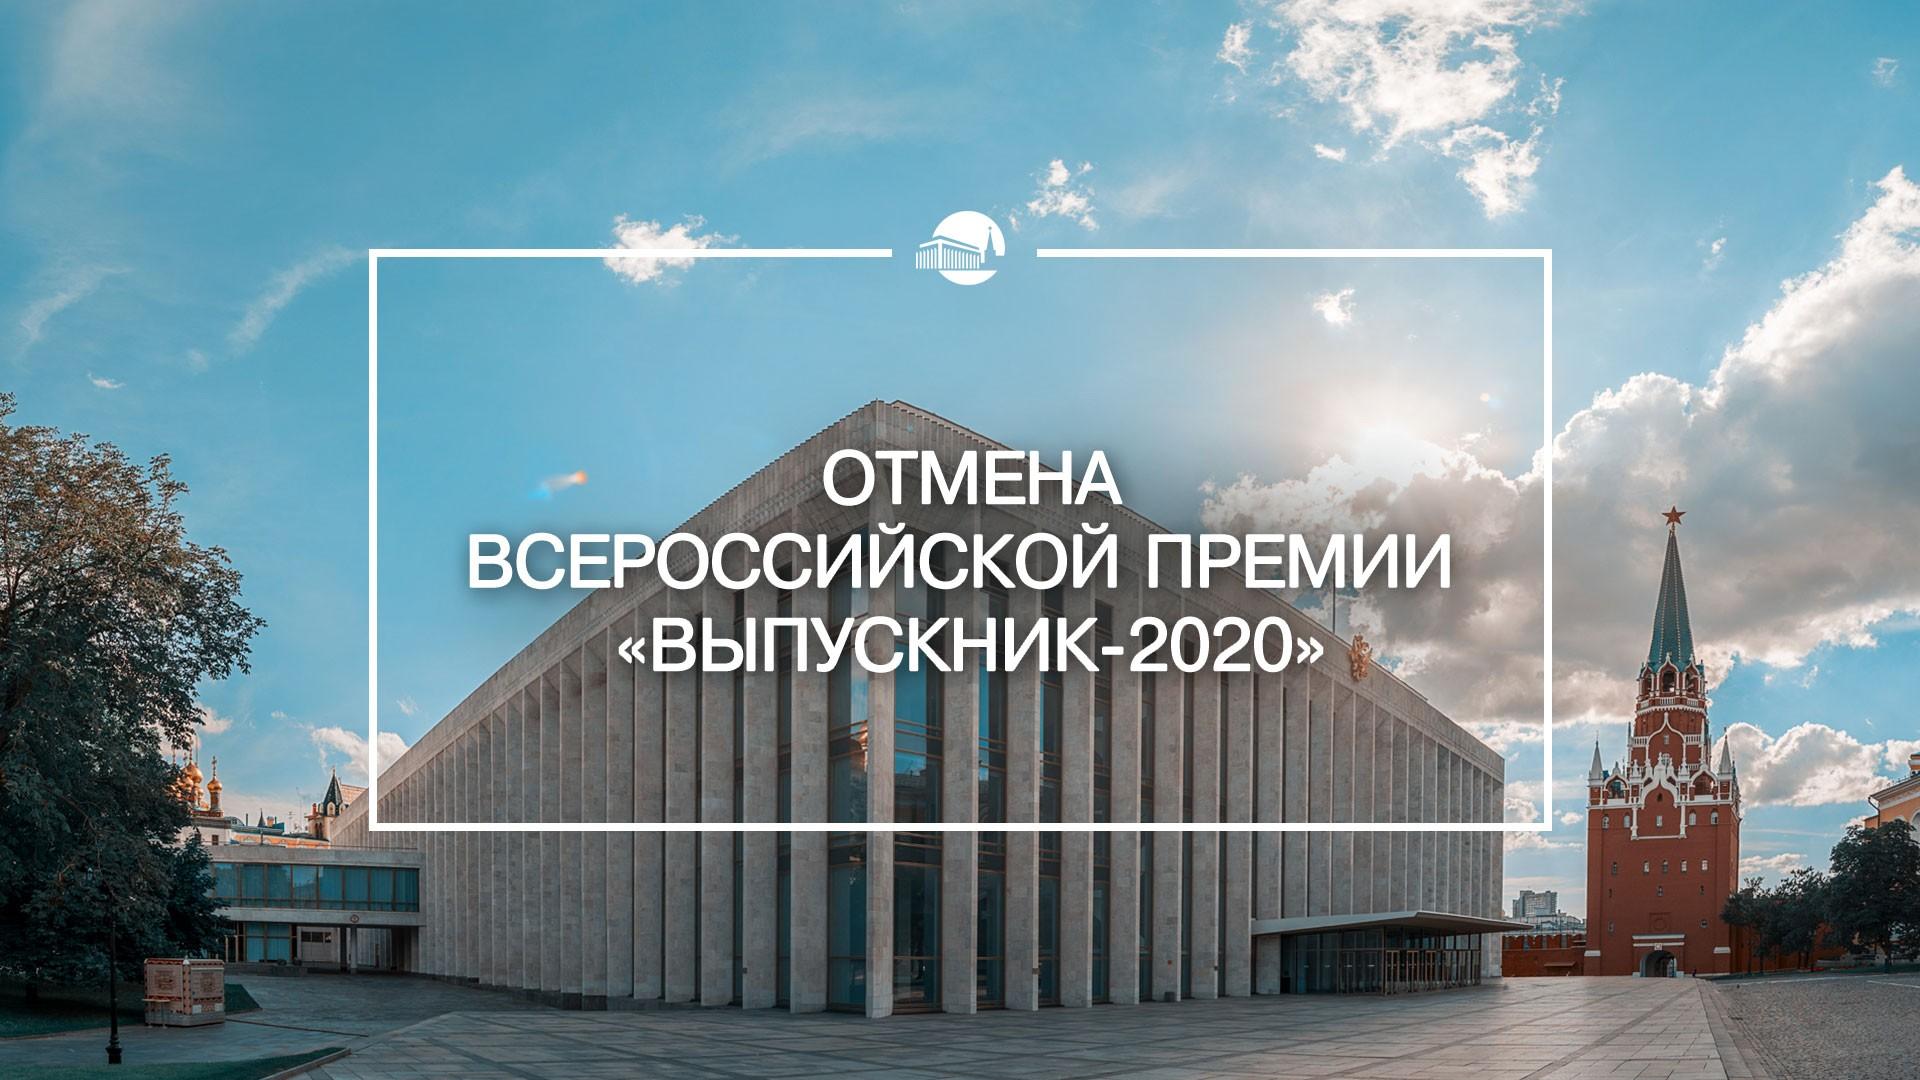 Отмена Всероссийской премии «Выпускник-2020»